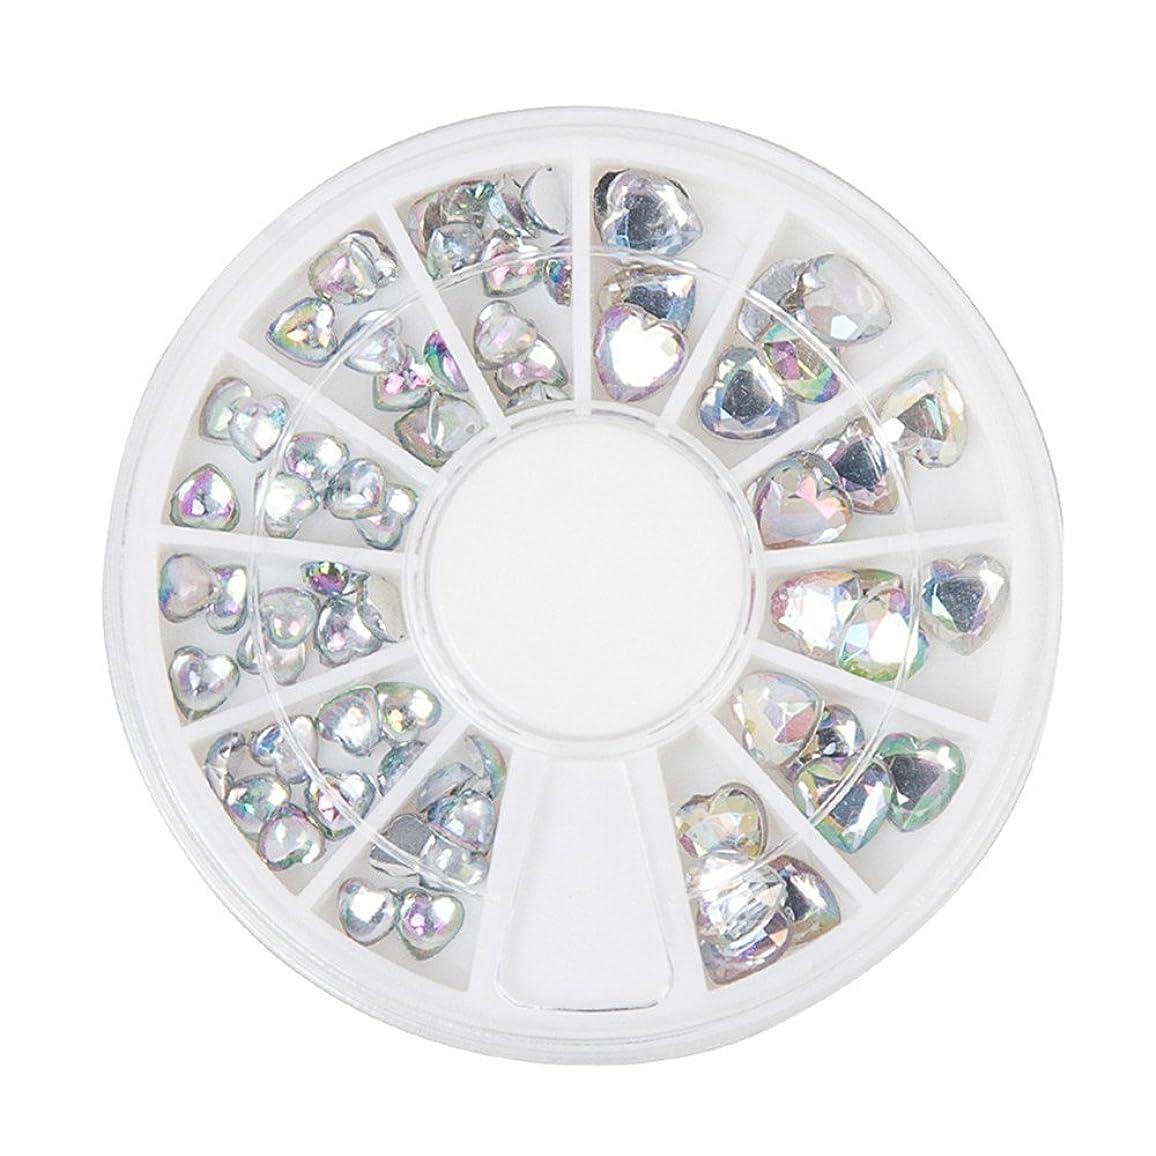 篭奇妙なスタジオジェルネイル ラインストーン アートパーツ パール ハート ダイヤモンド 22種類選択可